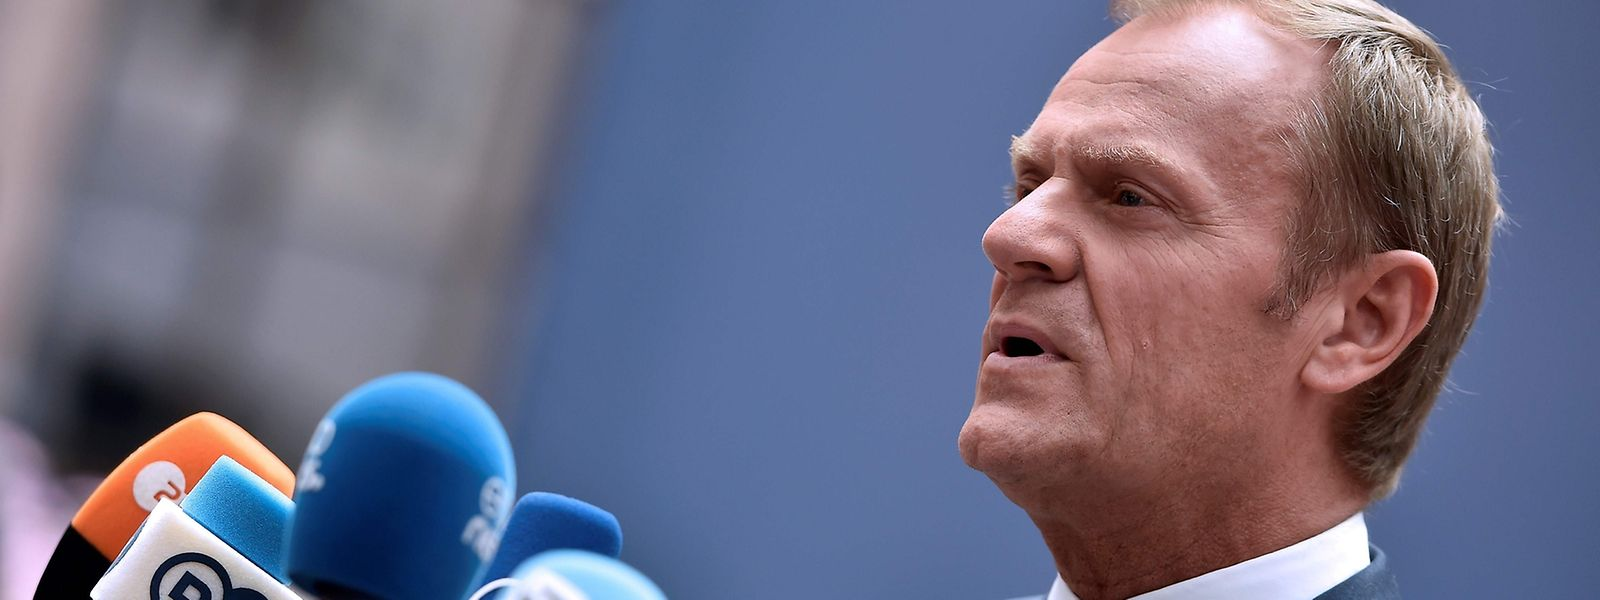 Gipfelchef Donald Tusk will keine Nachtdramen mehr